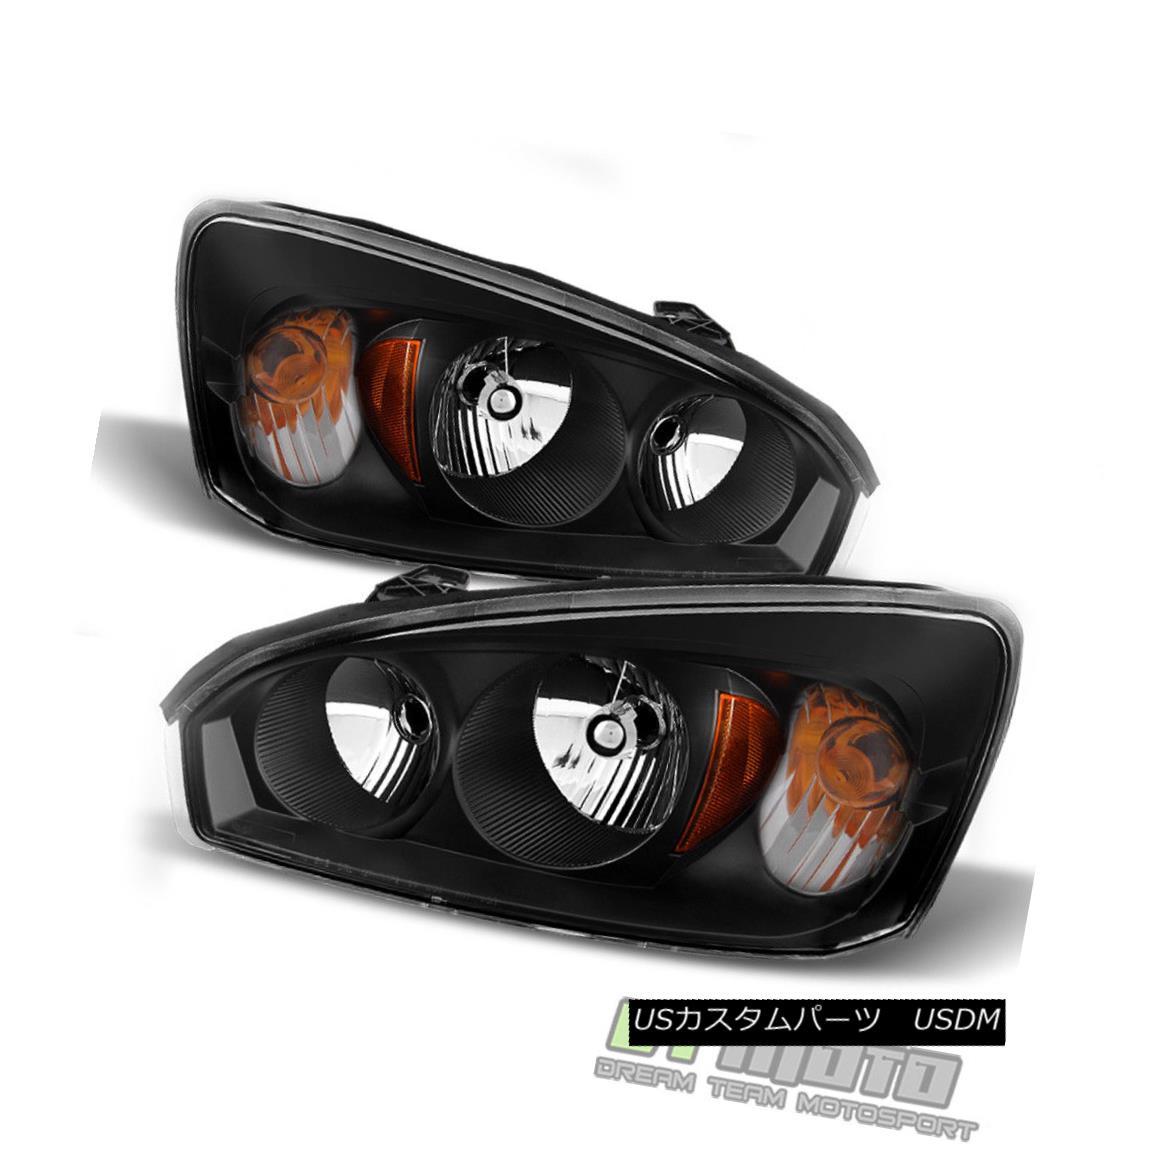 ヘッドライト Blk 2004 2005 2006 2007 2008 Chevy Malibu Headlights Headlamps 04-08 Left+Right Blk 2004 2005 2006 2007 2008シボレーマリブヘッドライトヘッドランプ04-08 Left + Right